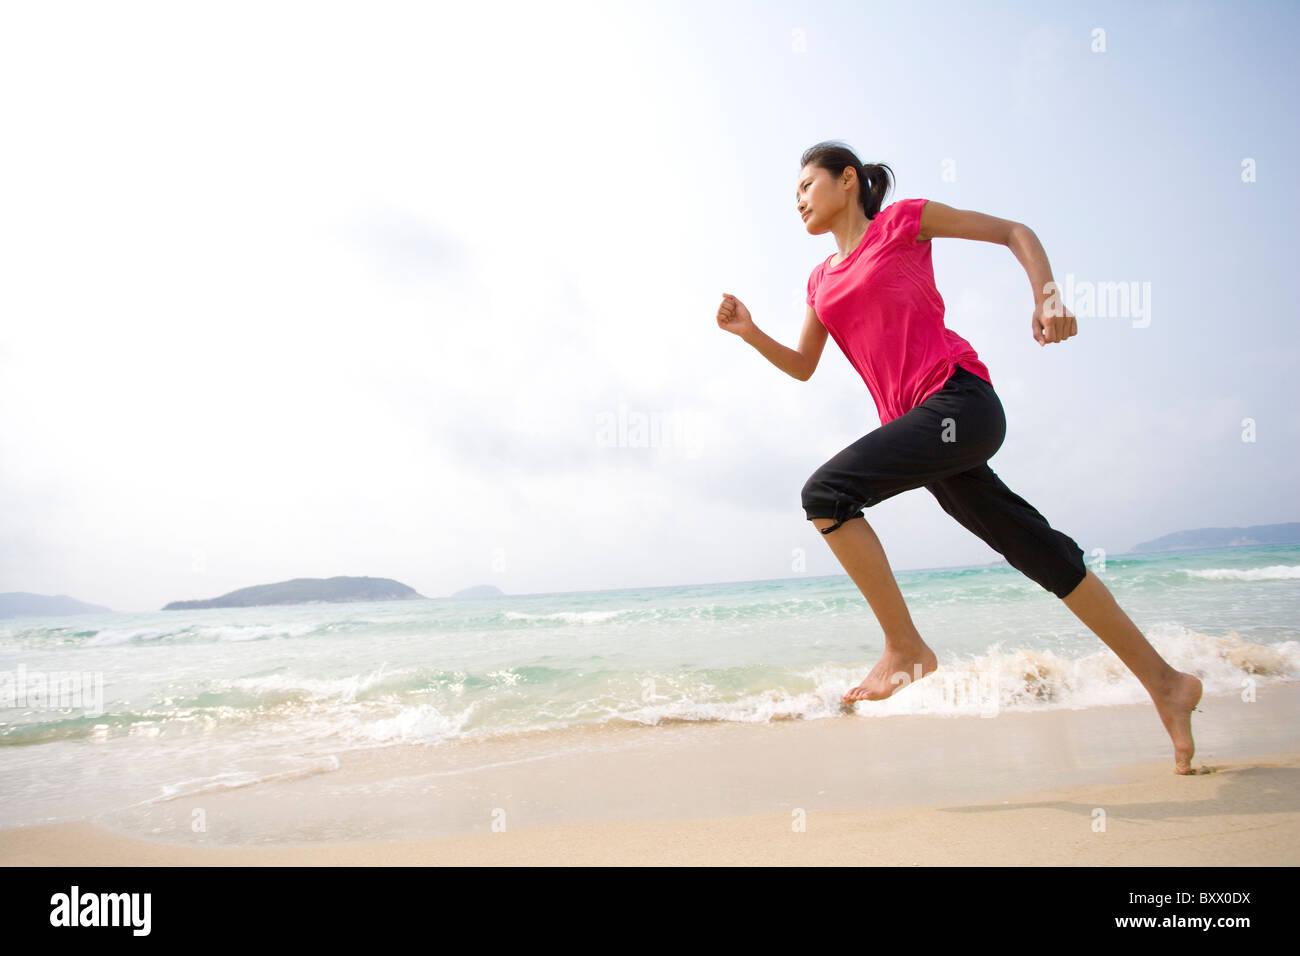 Giovane donna in esecuzione sulla spiaggia Immagini Stock